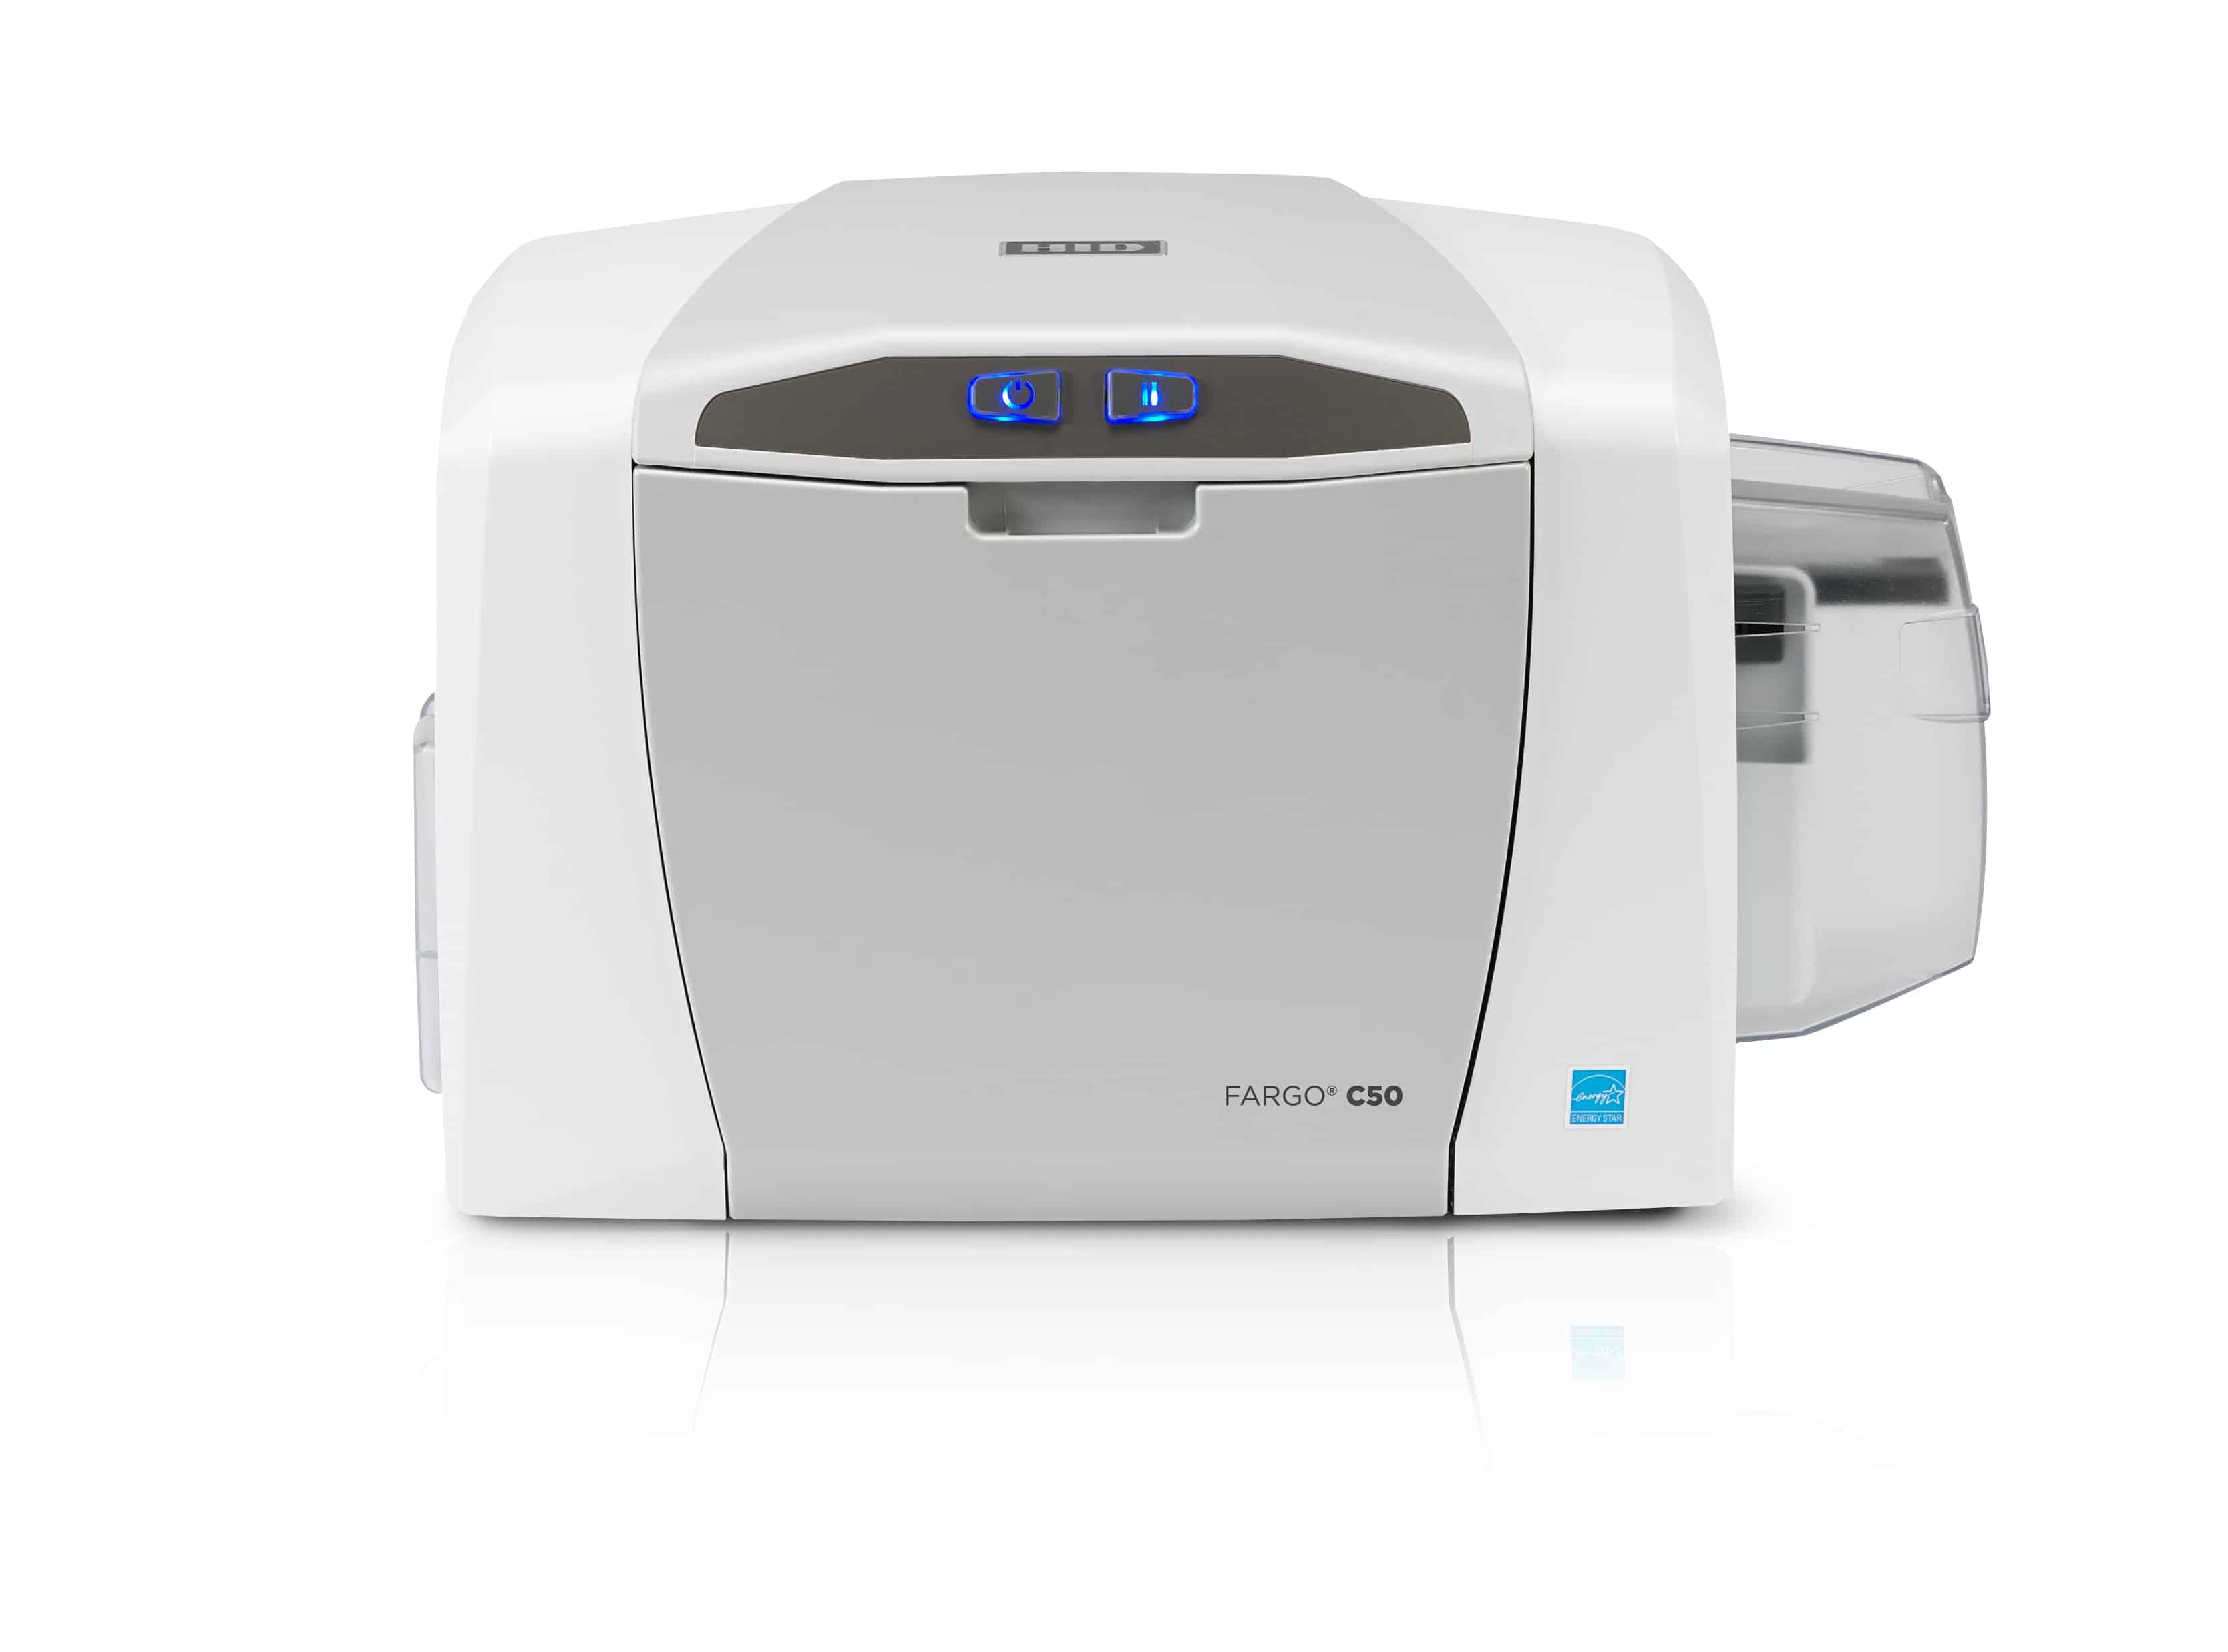 Fargo Plastic Card Printer C50